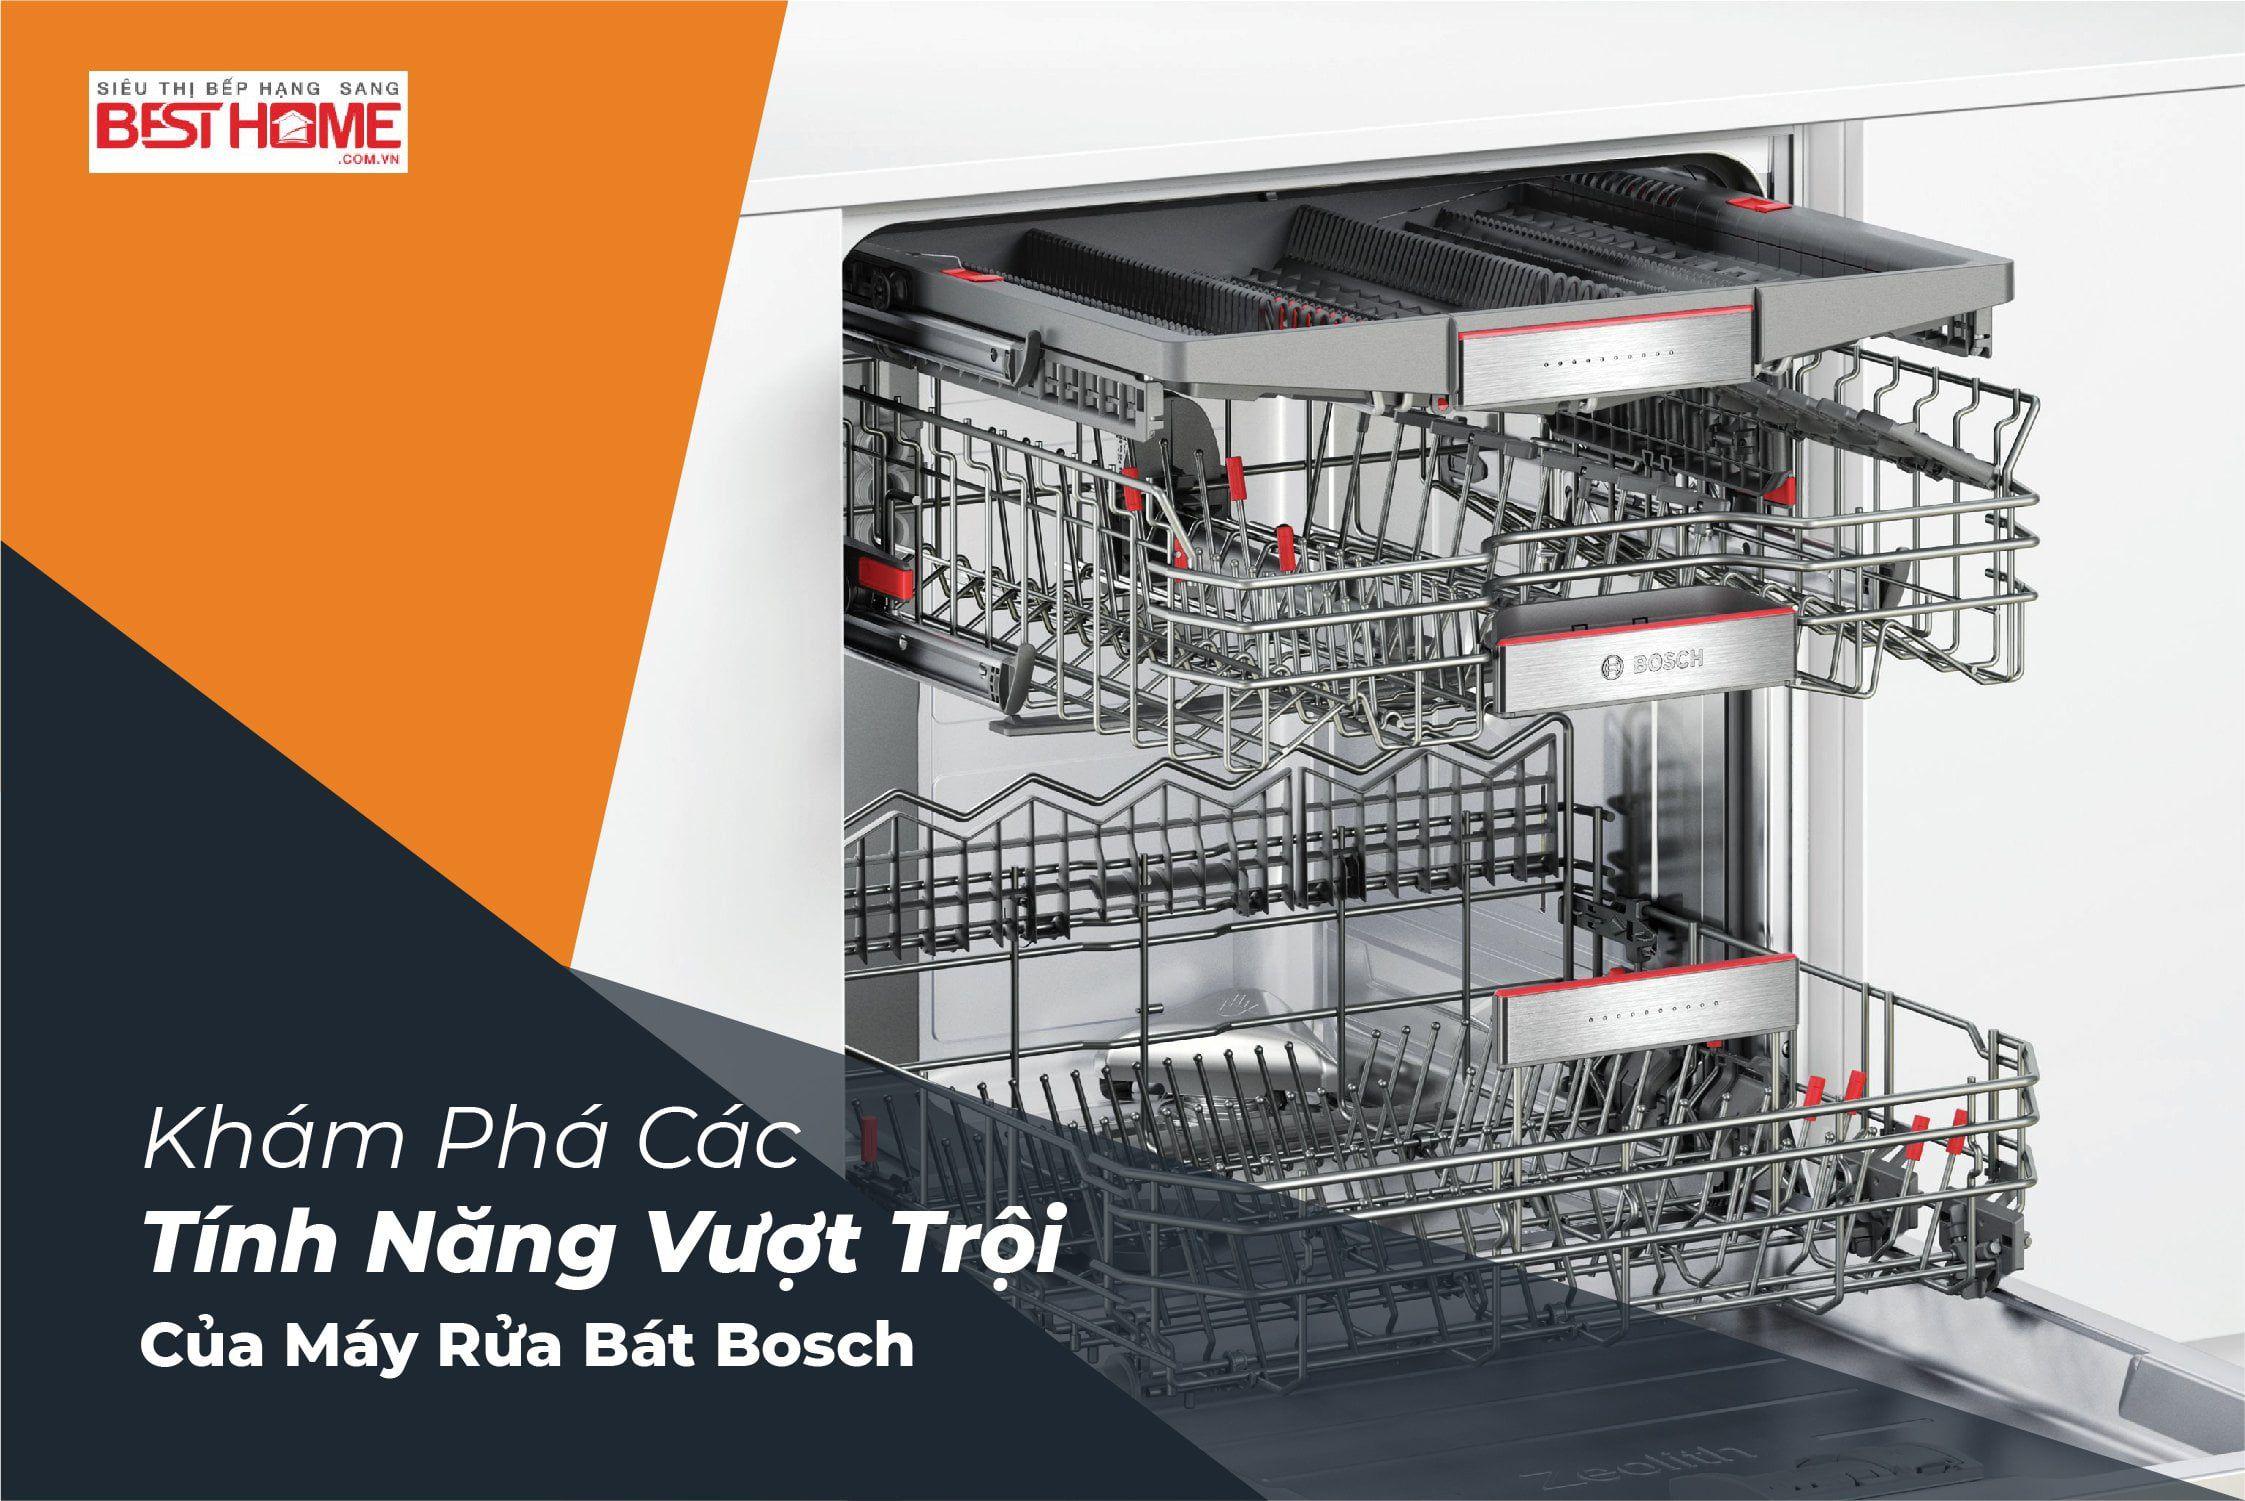 Khám phá các tính năng vượt trội của máy rửa bát Bosch hiện đại